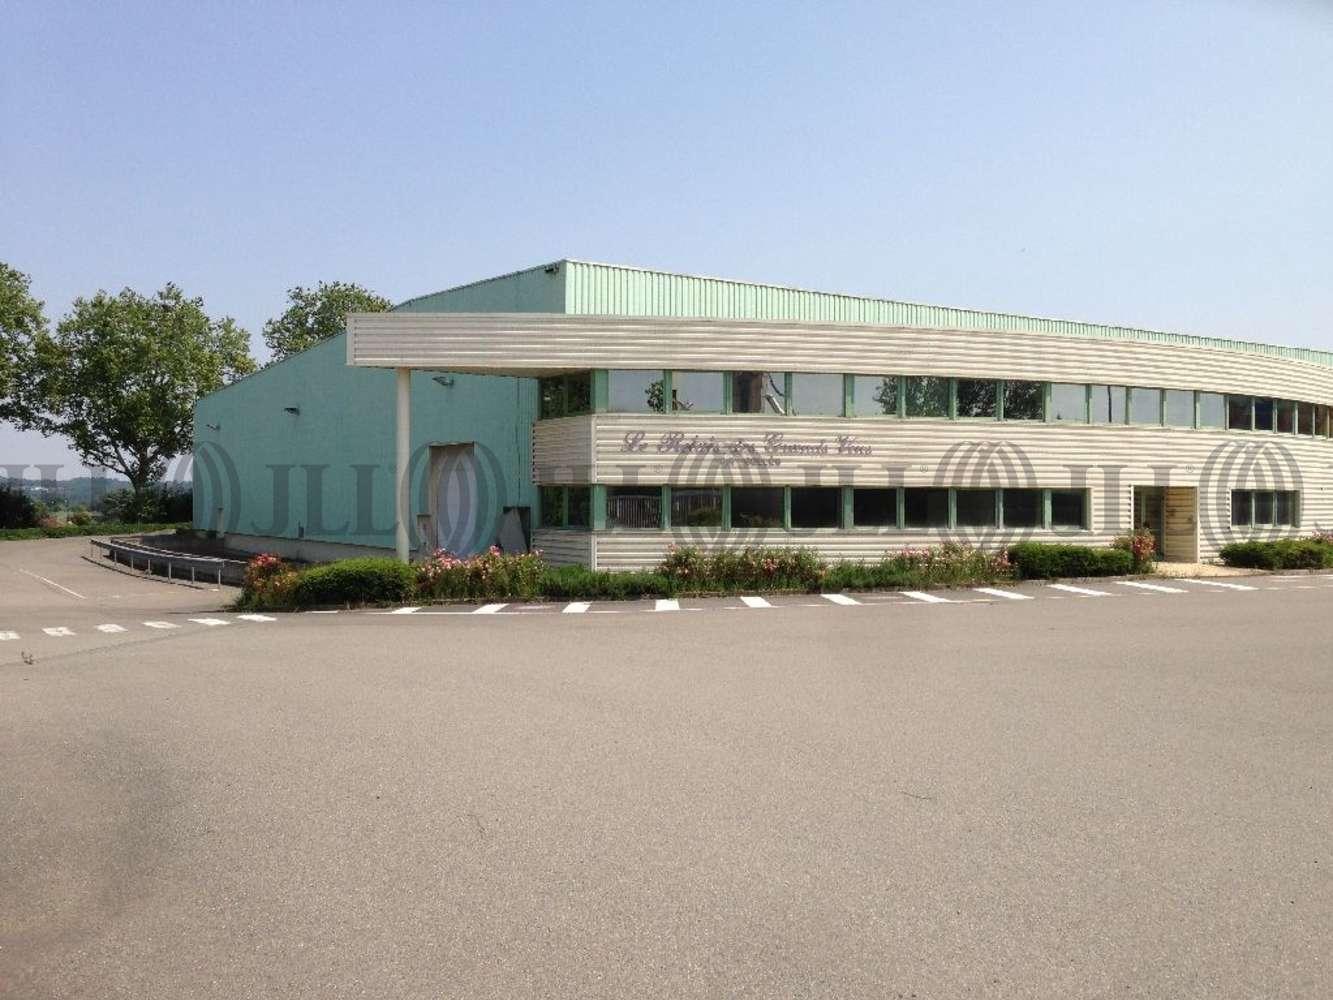 Activités/entrepôt Belleville, 69220 - Entrepôt à louer Lyon Nord - Rhône (69) - 10132932